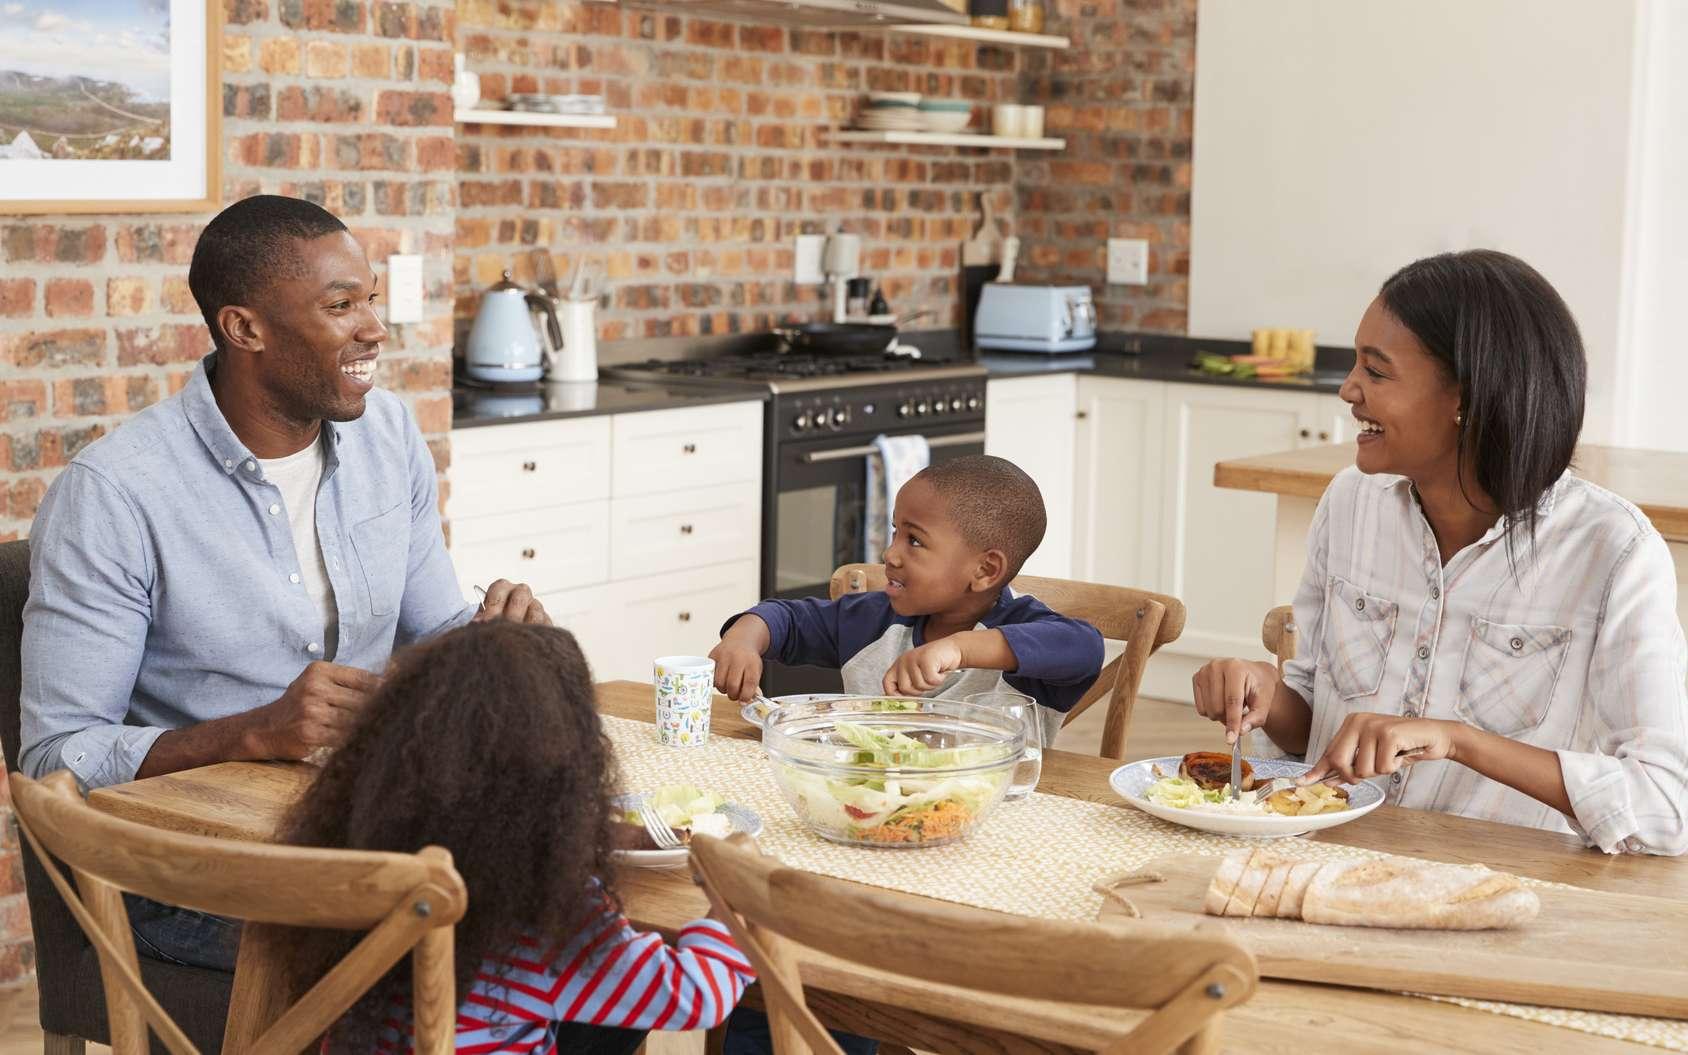 Les enfants qui ont grandi avec des routines quotidiennes sont plus enclins à écouter leur corps et à manger selon leurs besoins. © Monkey Business, fotolia